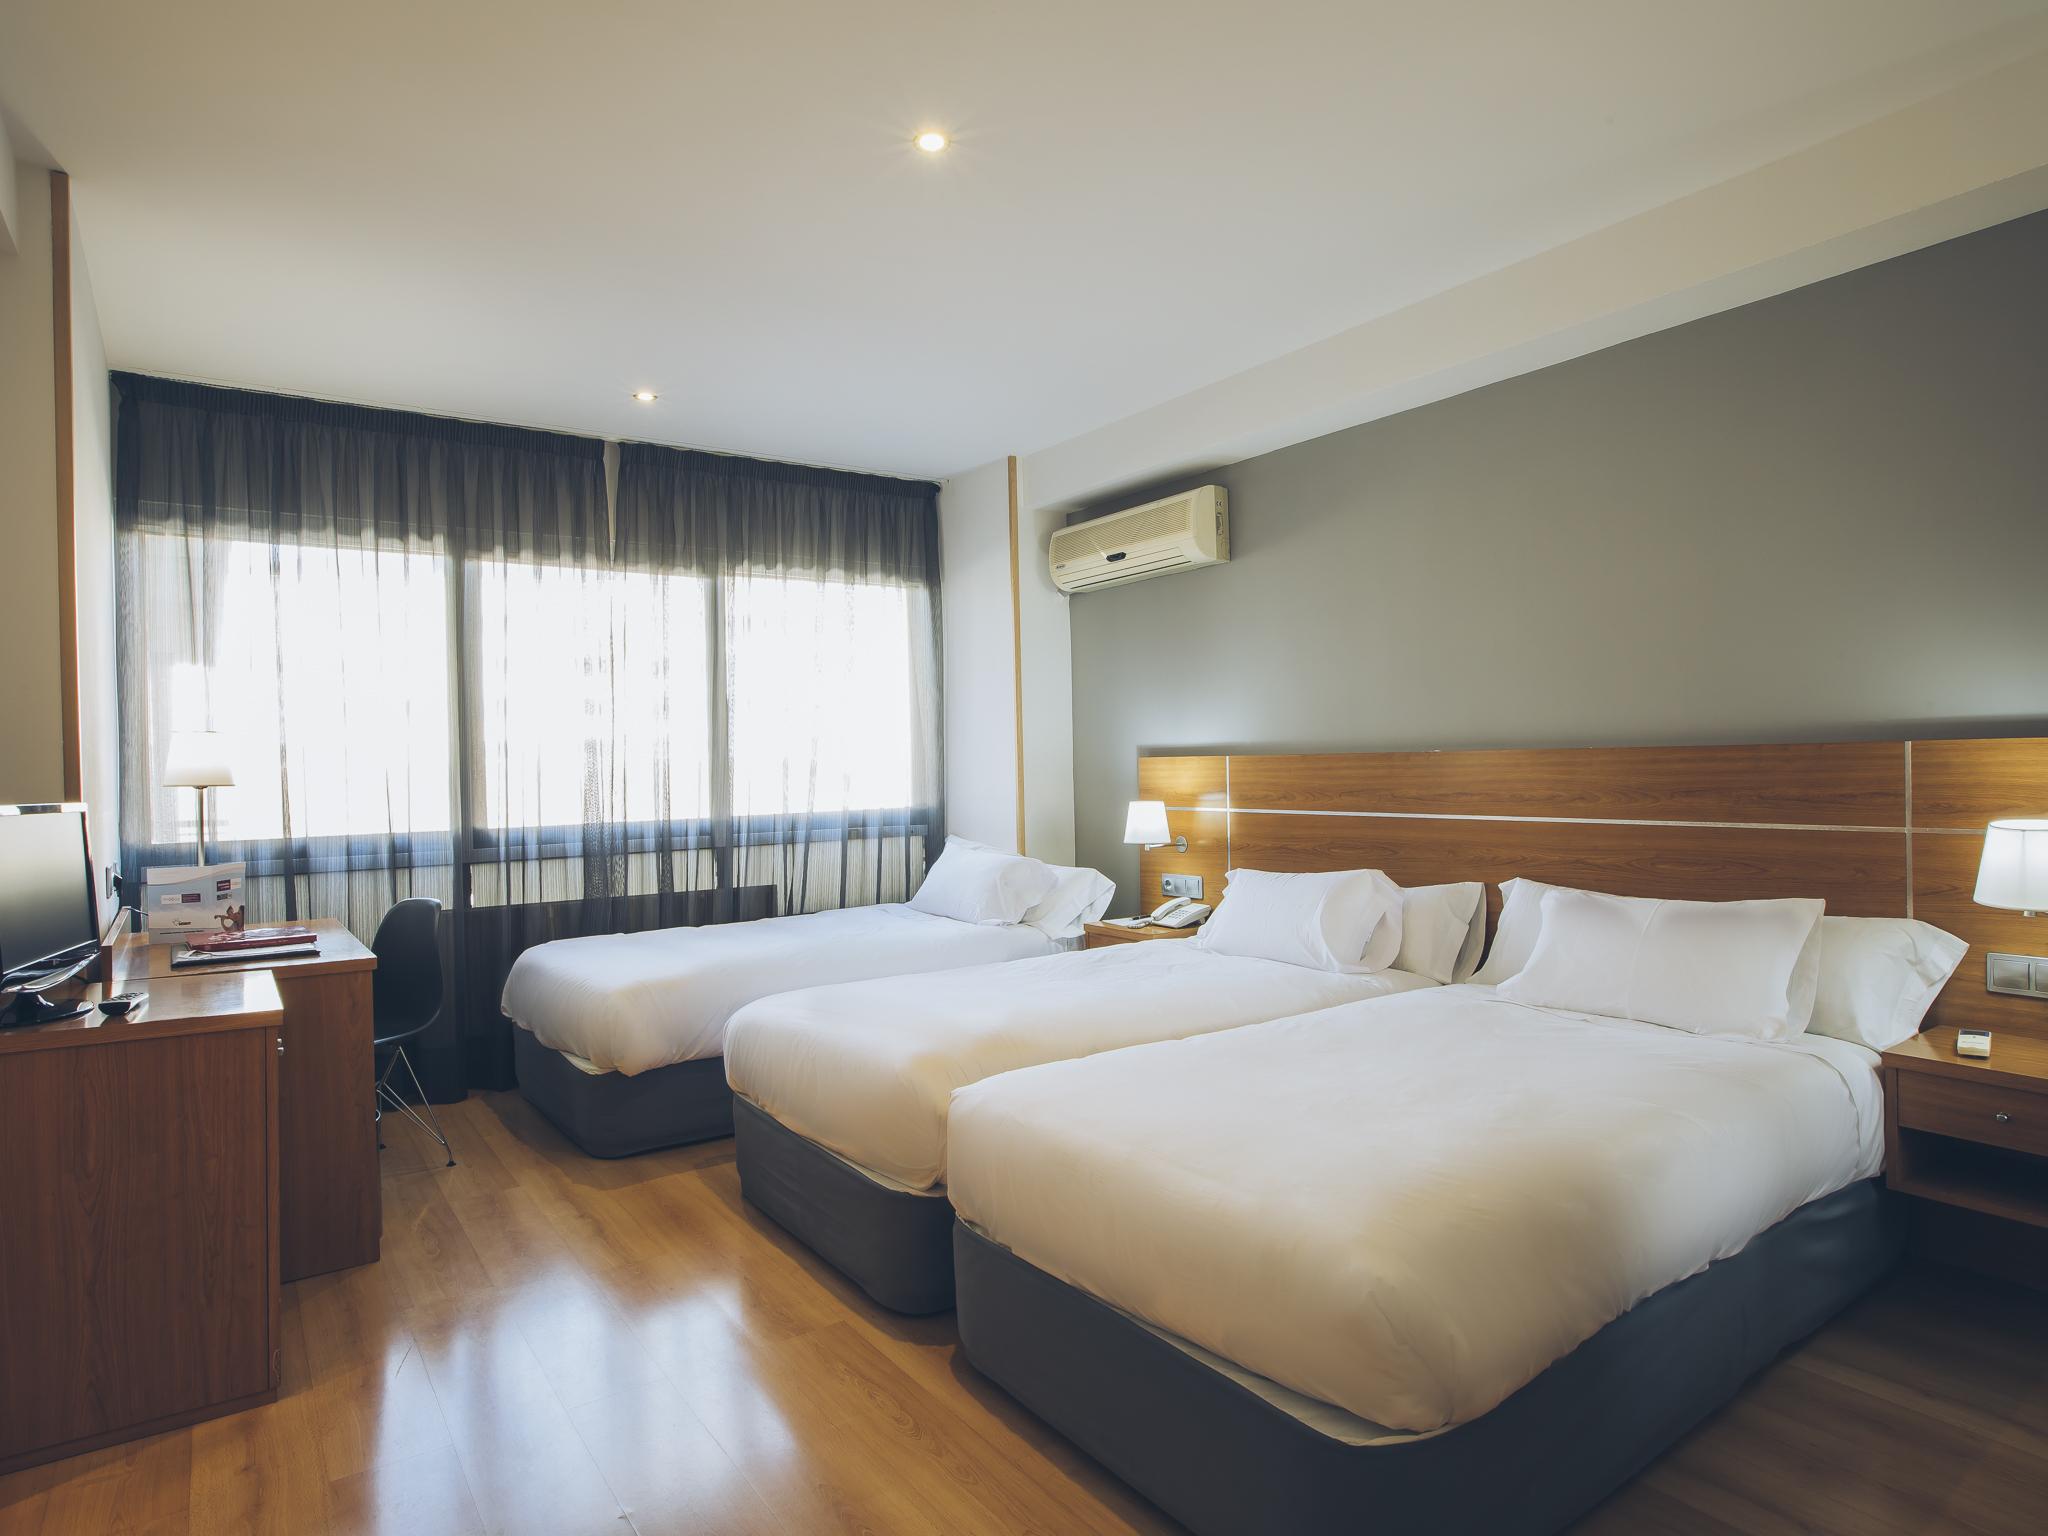 Hotel Sancho Ramirez Hotel En Pamplona Viajes El Corte Ingl S ~ Espejos De Aumento El Corte Ingles